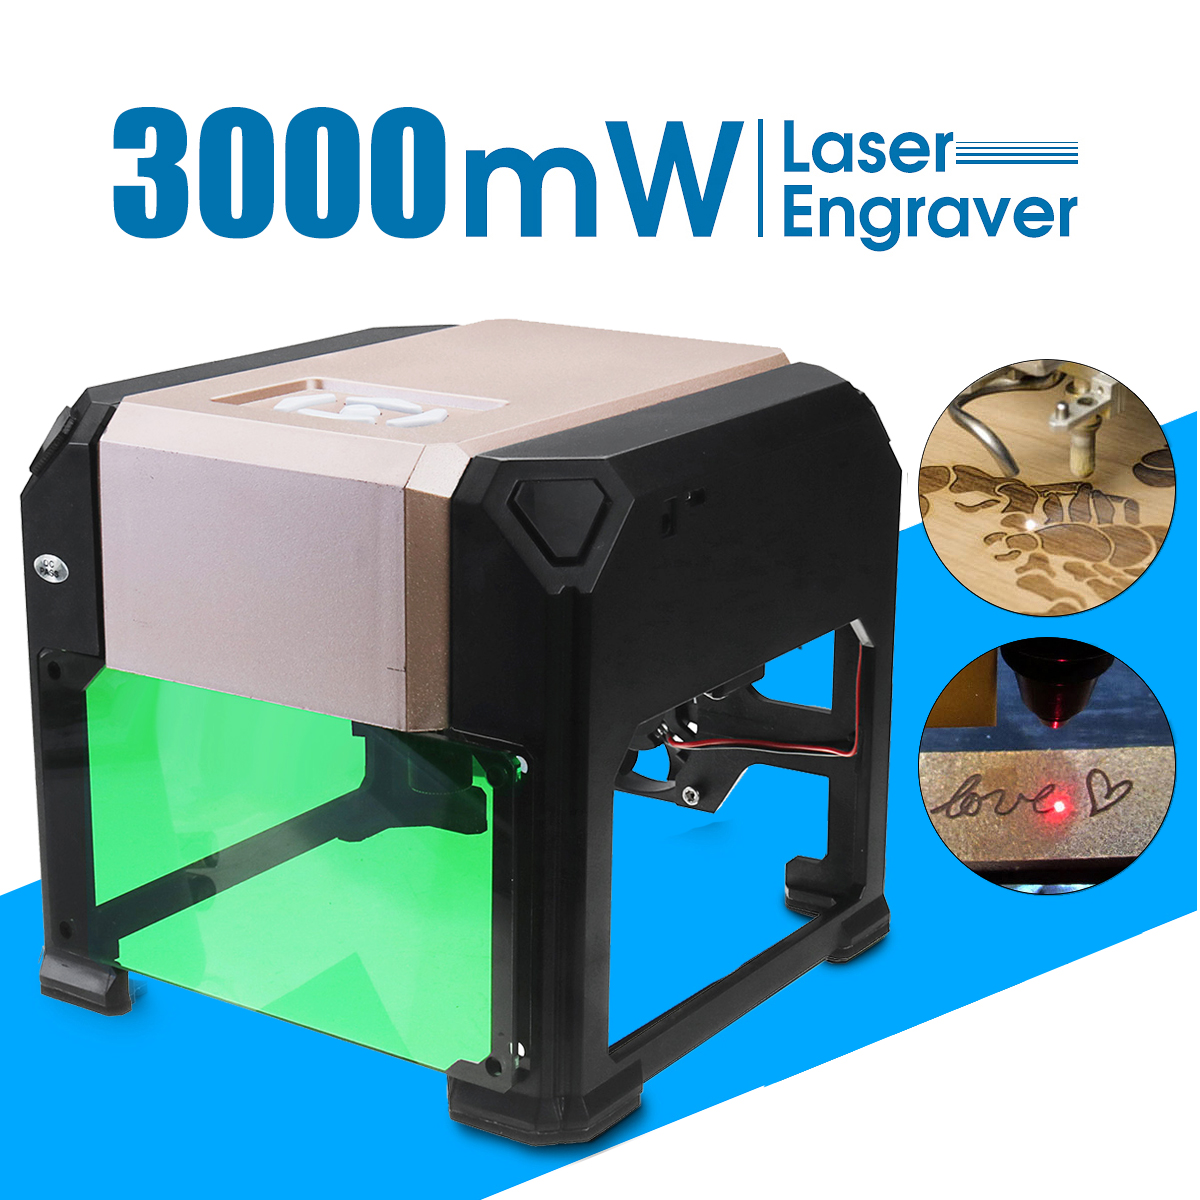 3000mW USB Laser Engraver Drucker Cutter Schnitzer DIY Logo Mark Laser Geschnitten Gravur Maschine CNC Laser Carving Maschine Hause verwenden